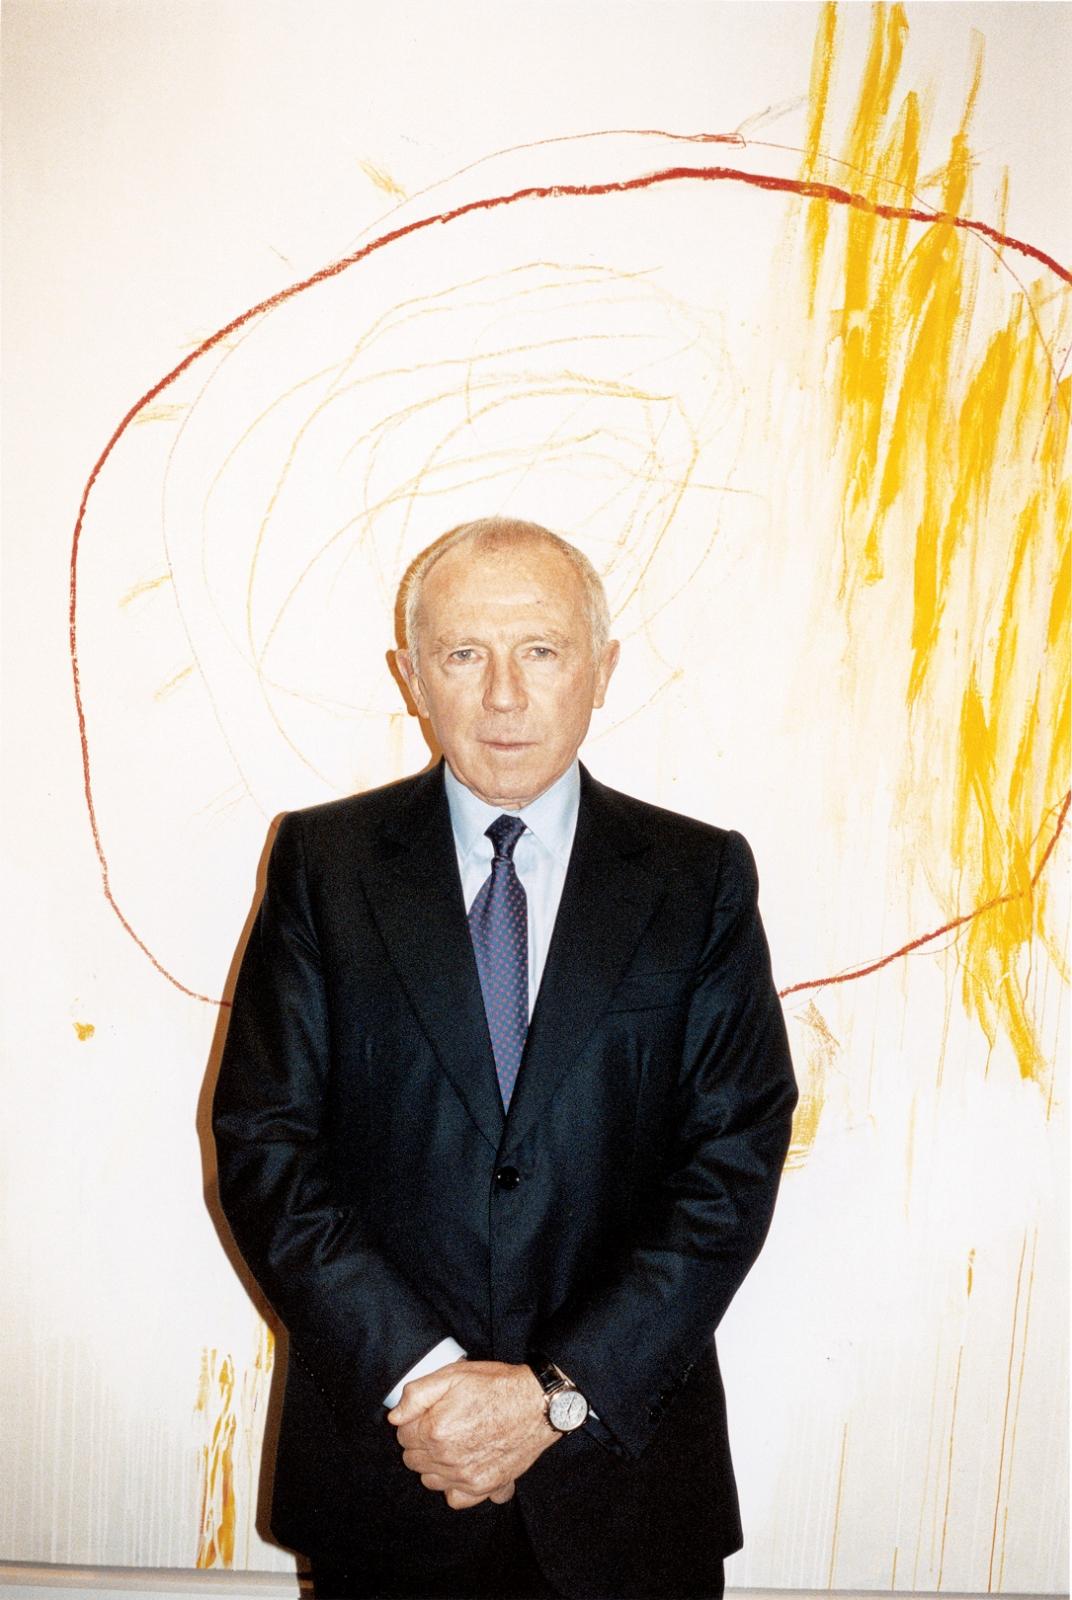 JUERGEN TELLER, Francois Pinault No. 1, Venice, 2006